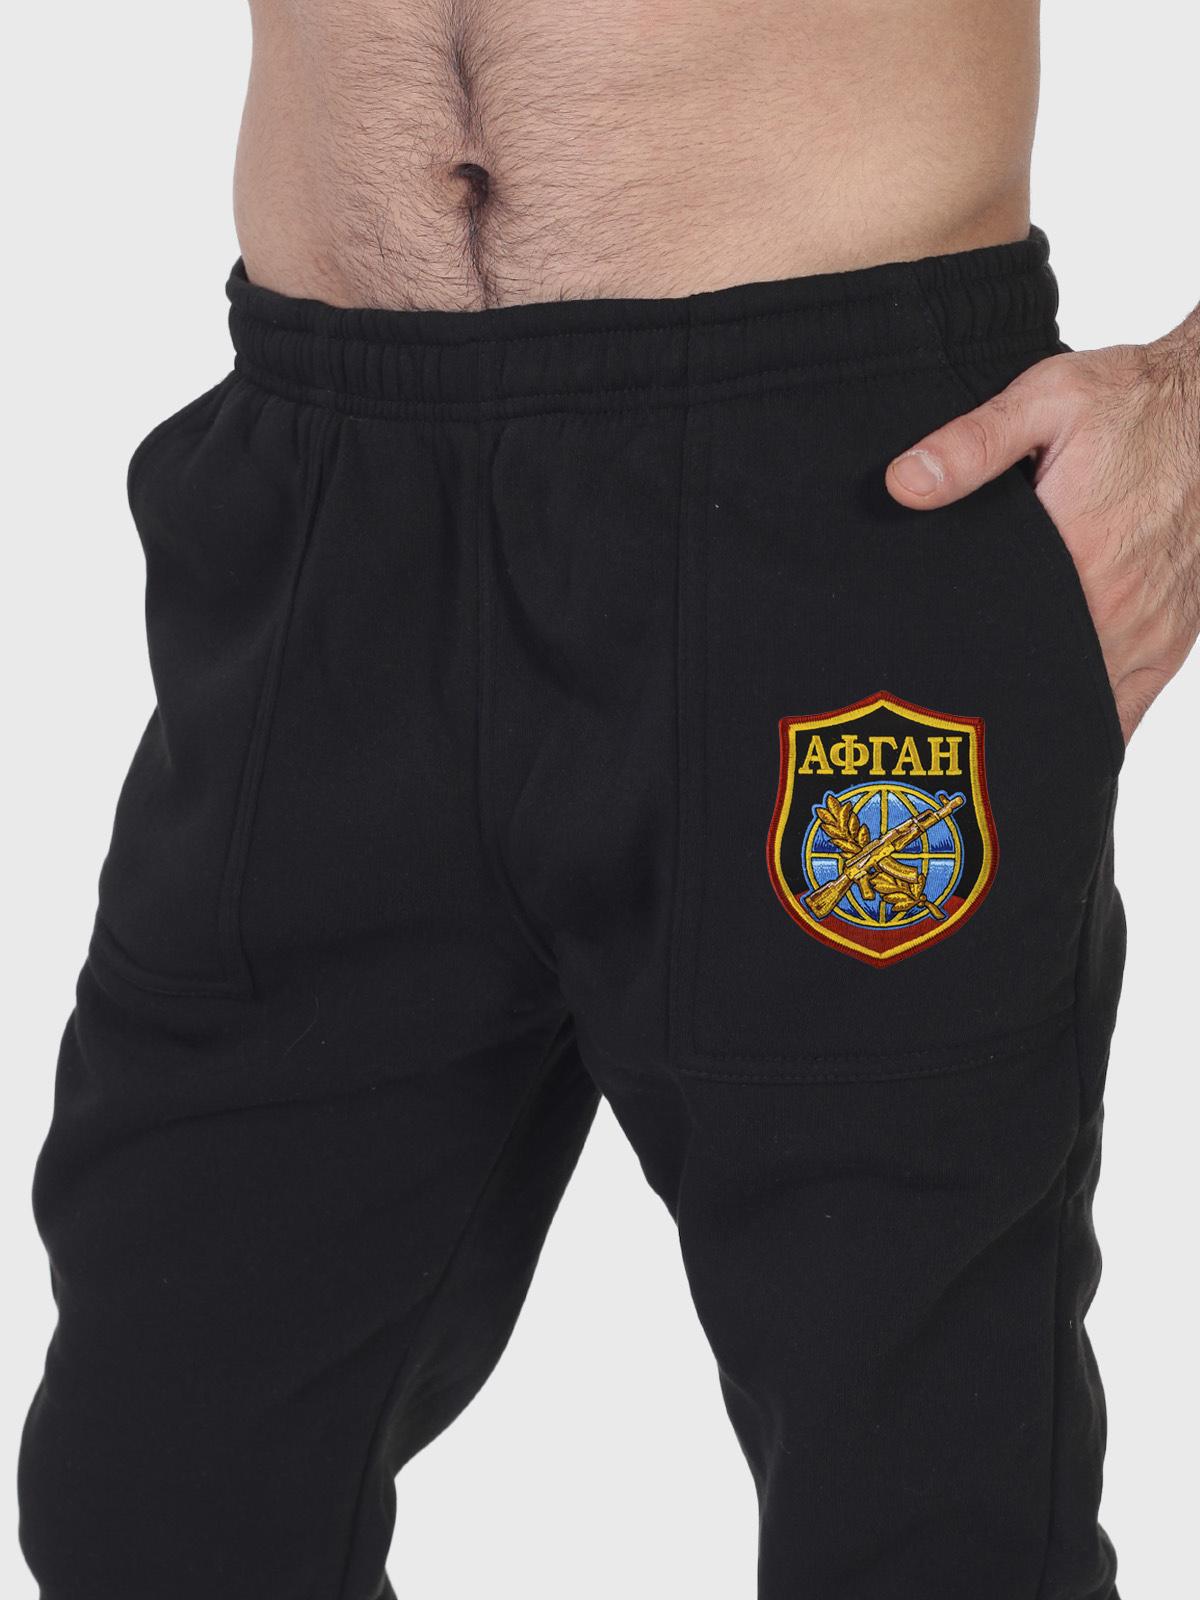 """Крутые спортивные штаны """"Афган"""" - теплые и удобные"""